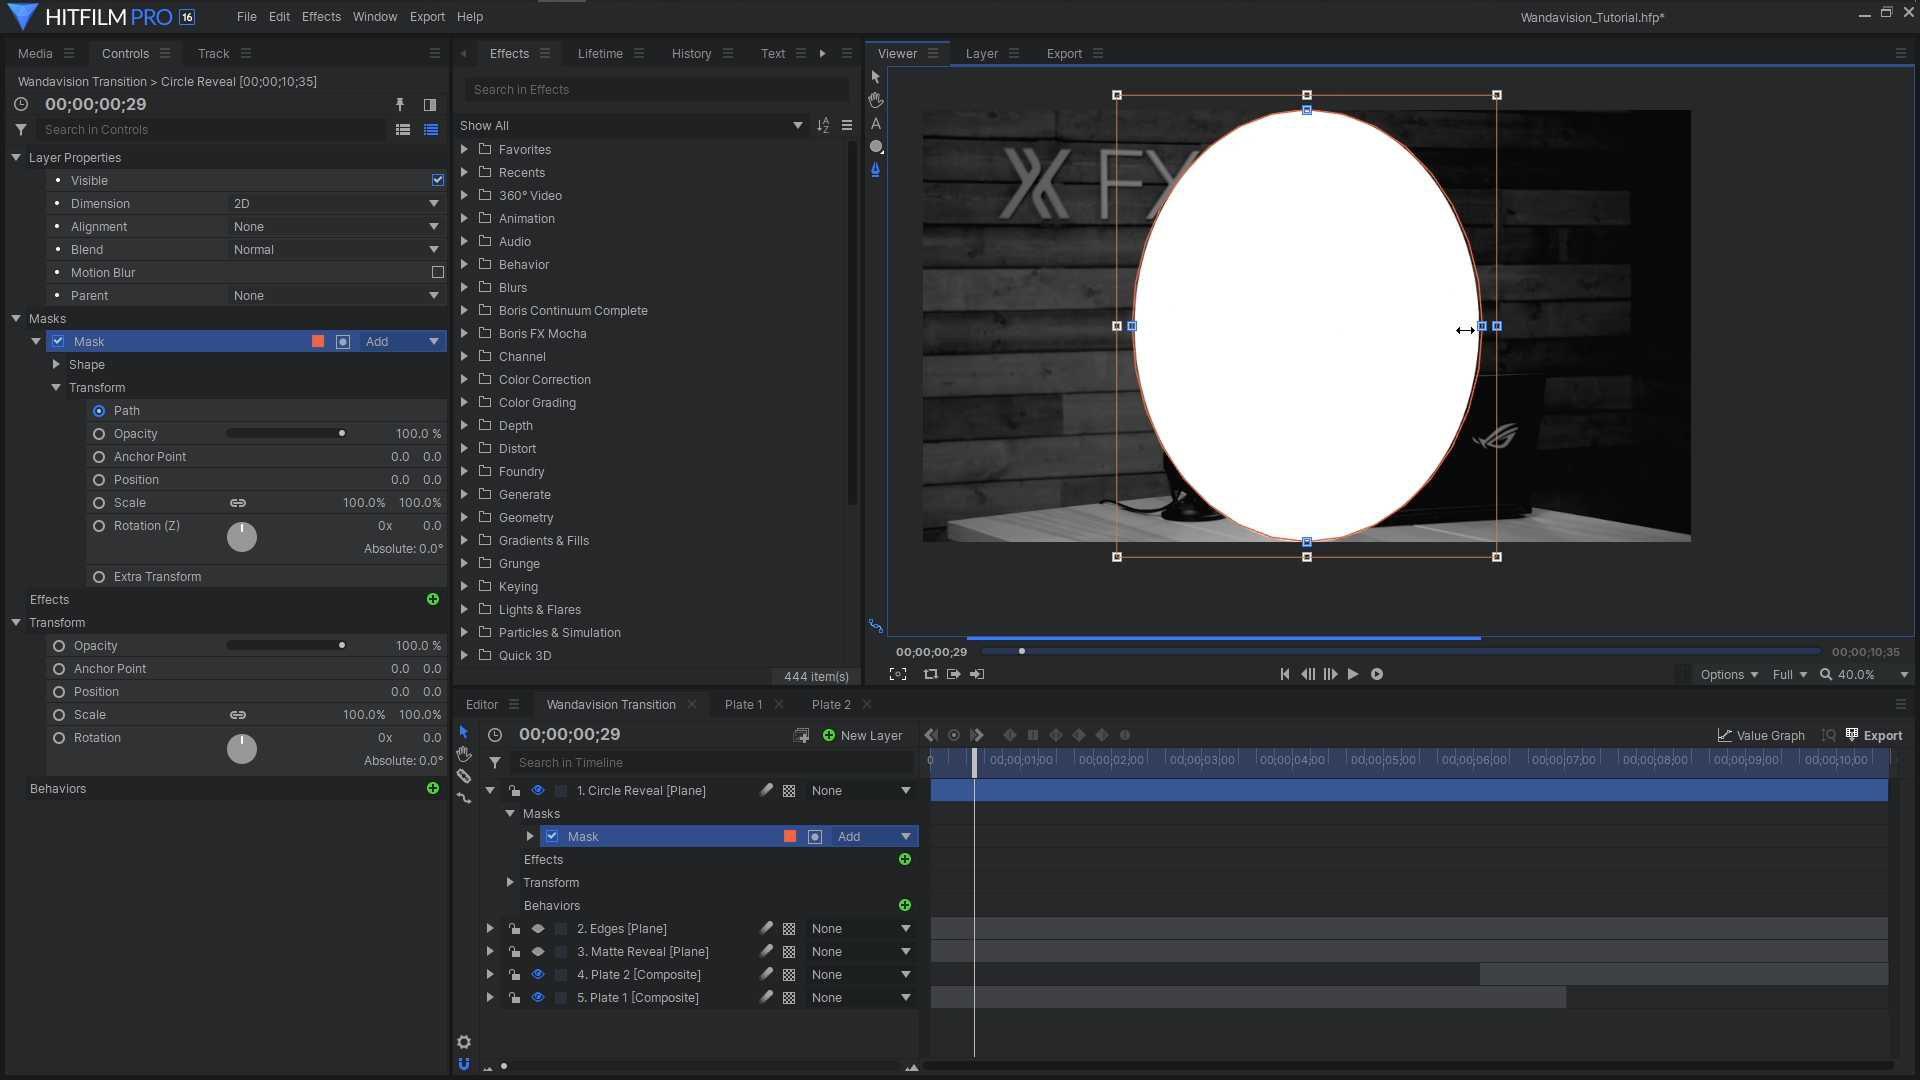 HitFilm Pro interface - reality glitch effect - using a mask